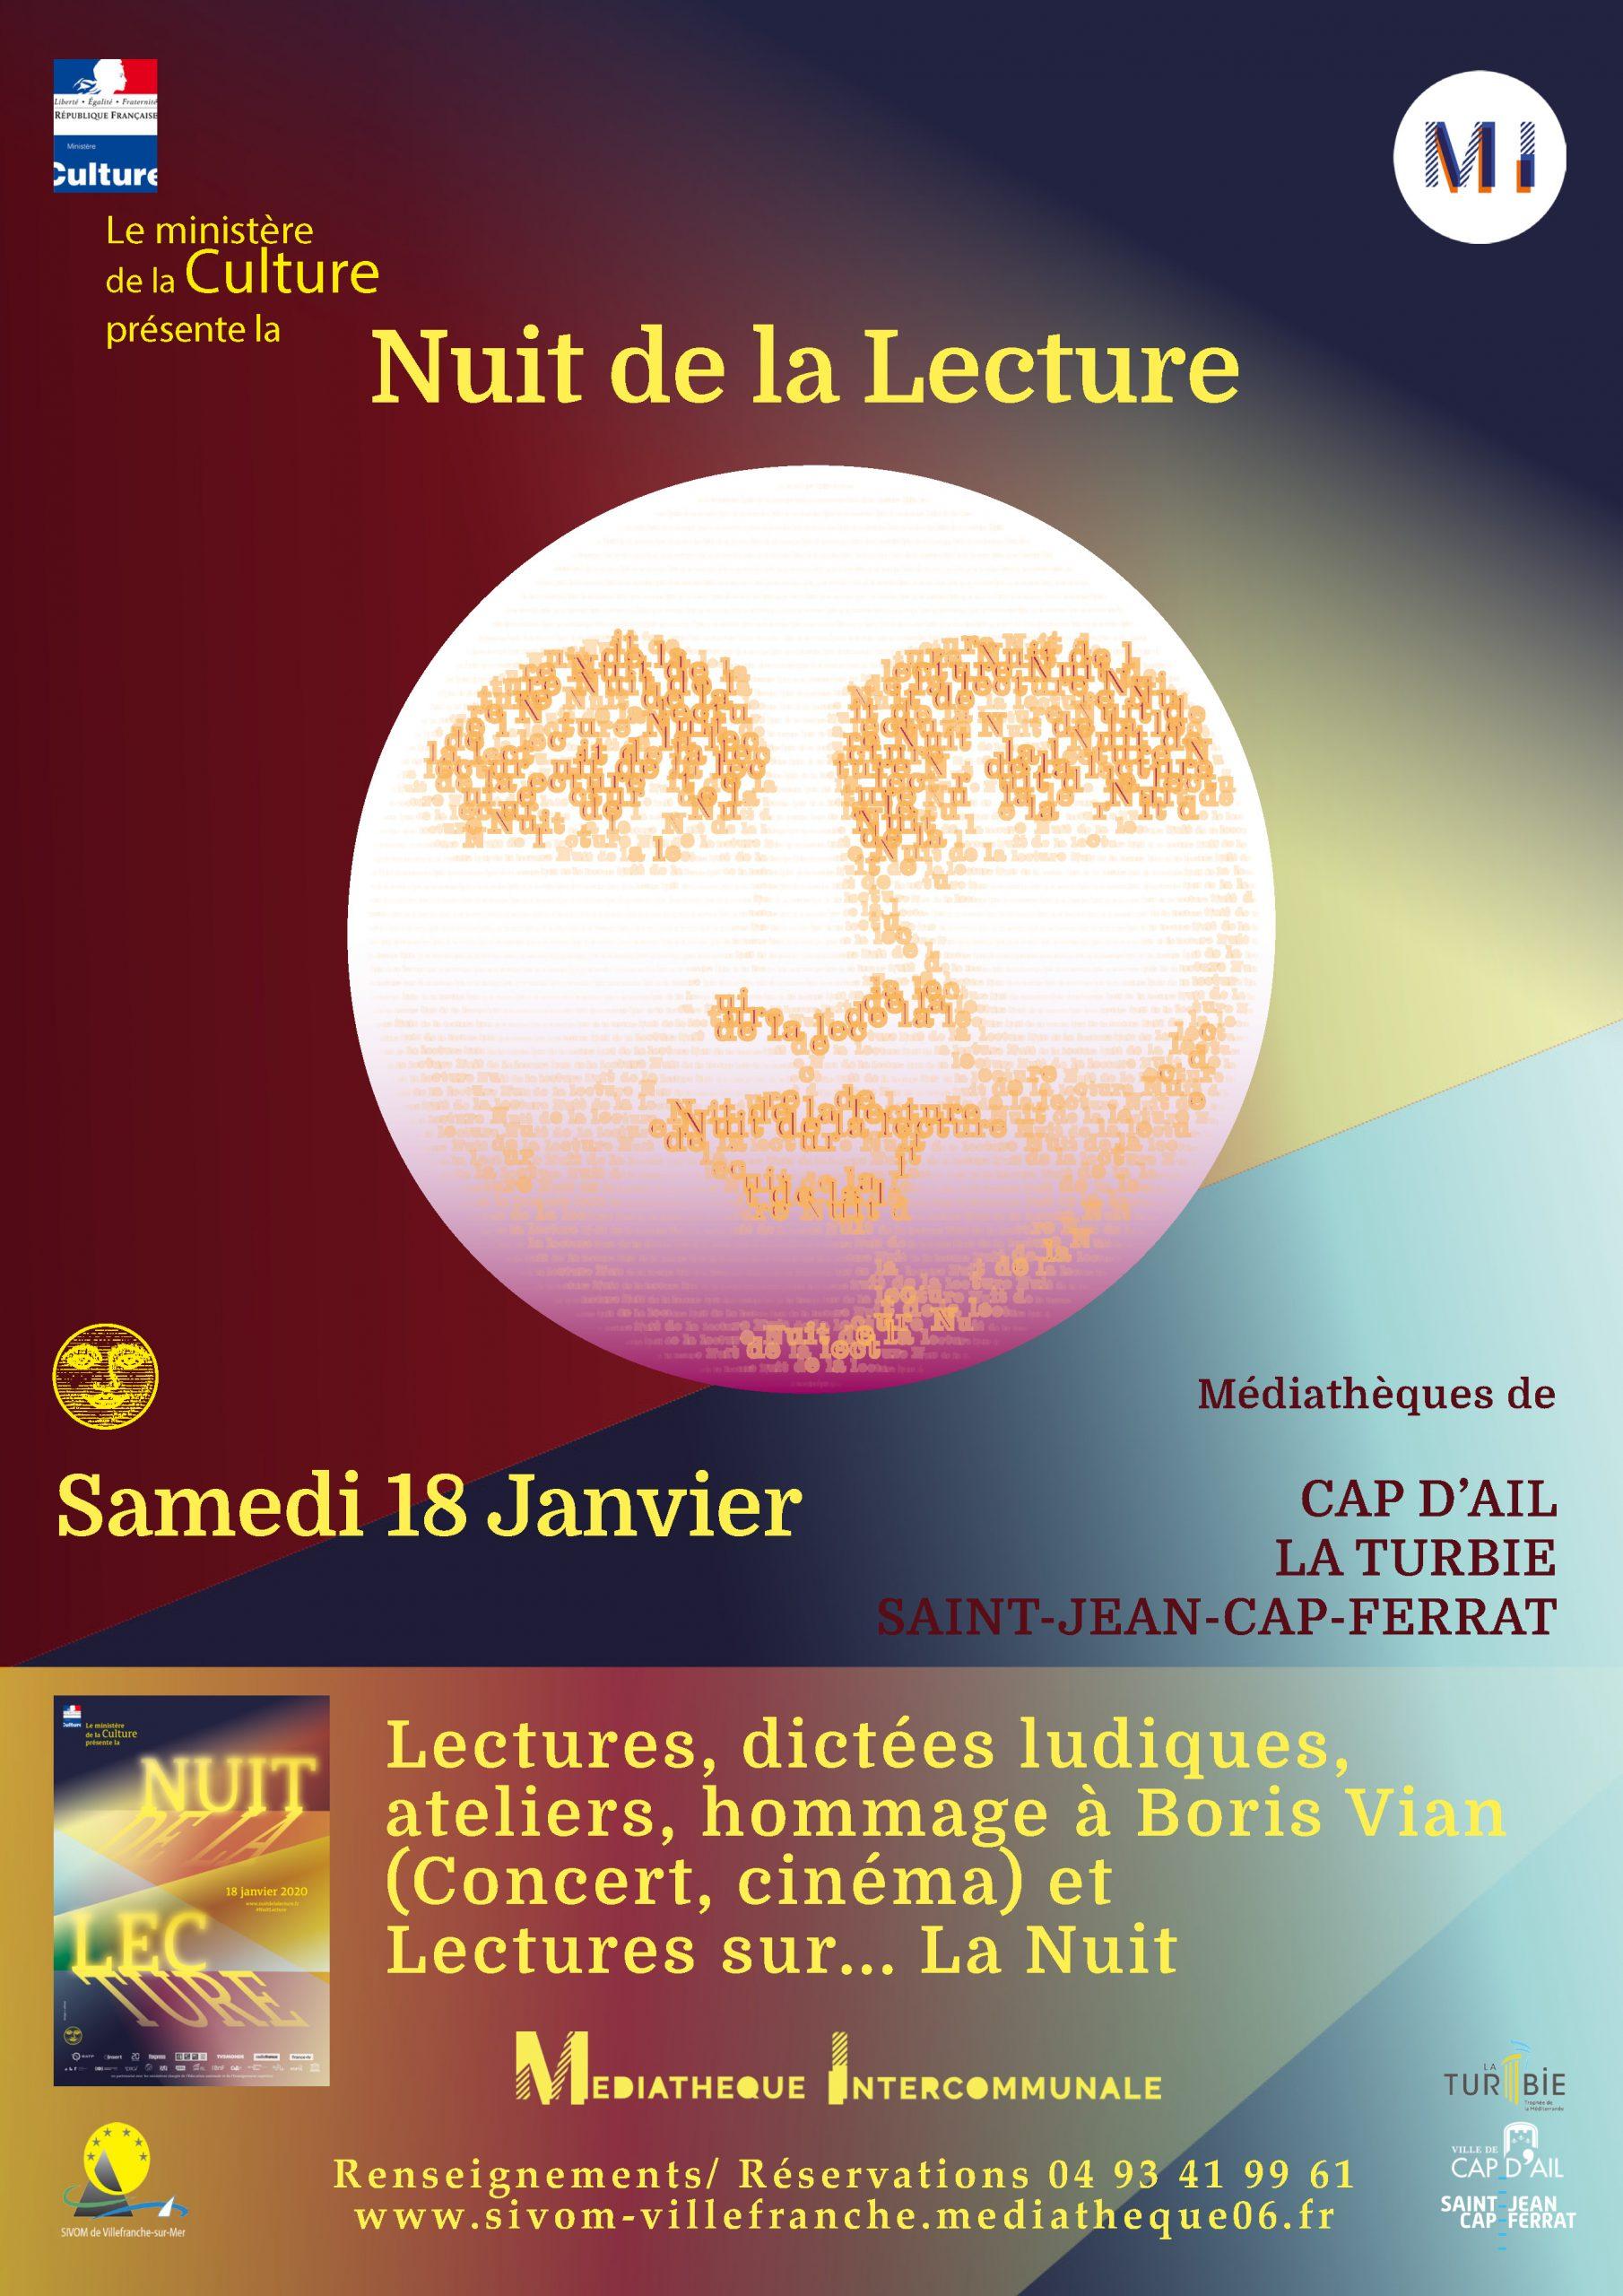 Nuit de la Lecture